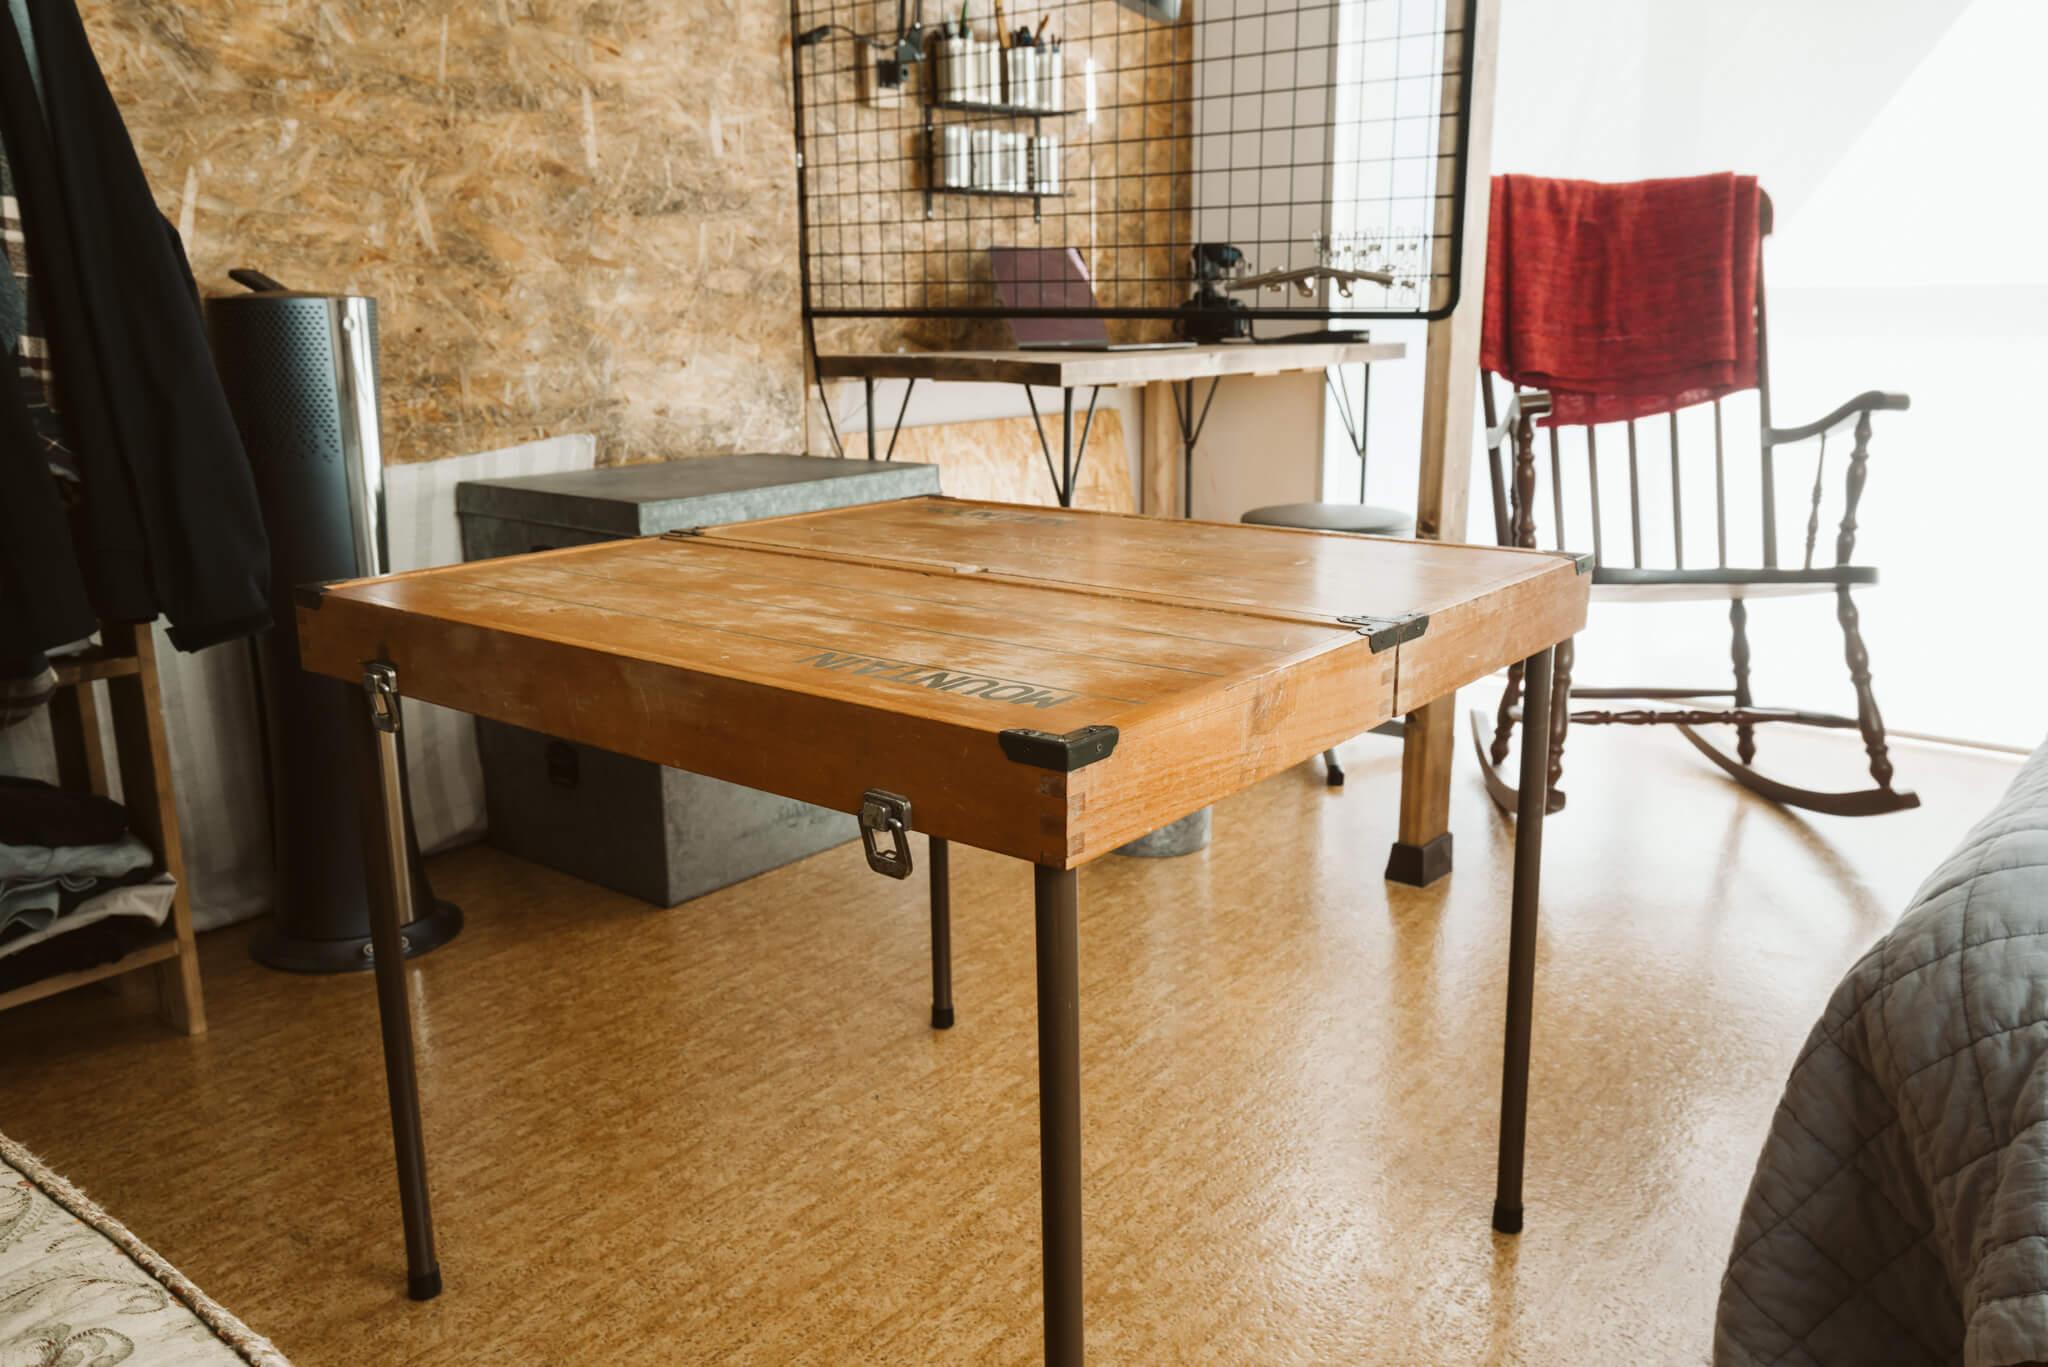 テーブルは、ヴィンテージのキャンプ用品。折りたたんでセットのチェアも収納できるようになっています。